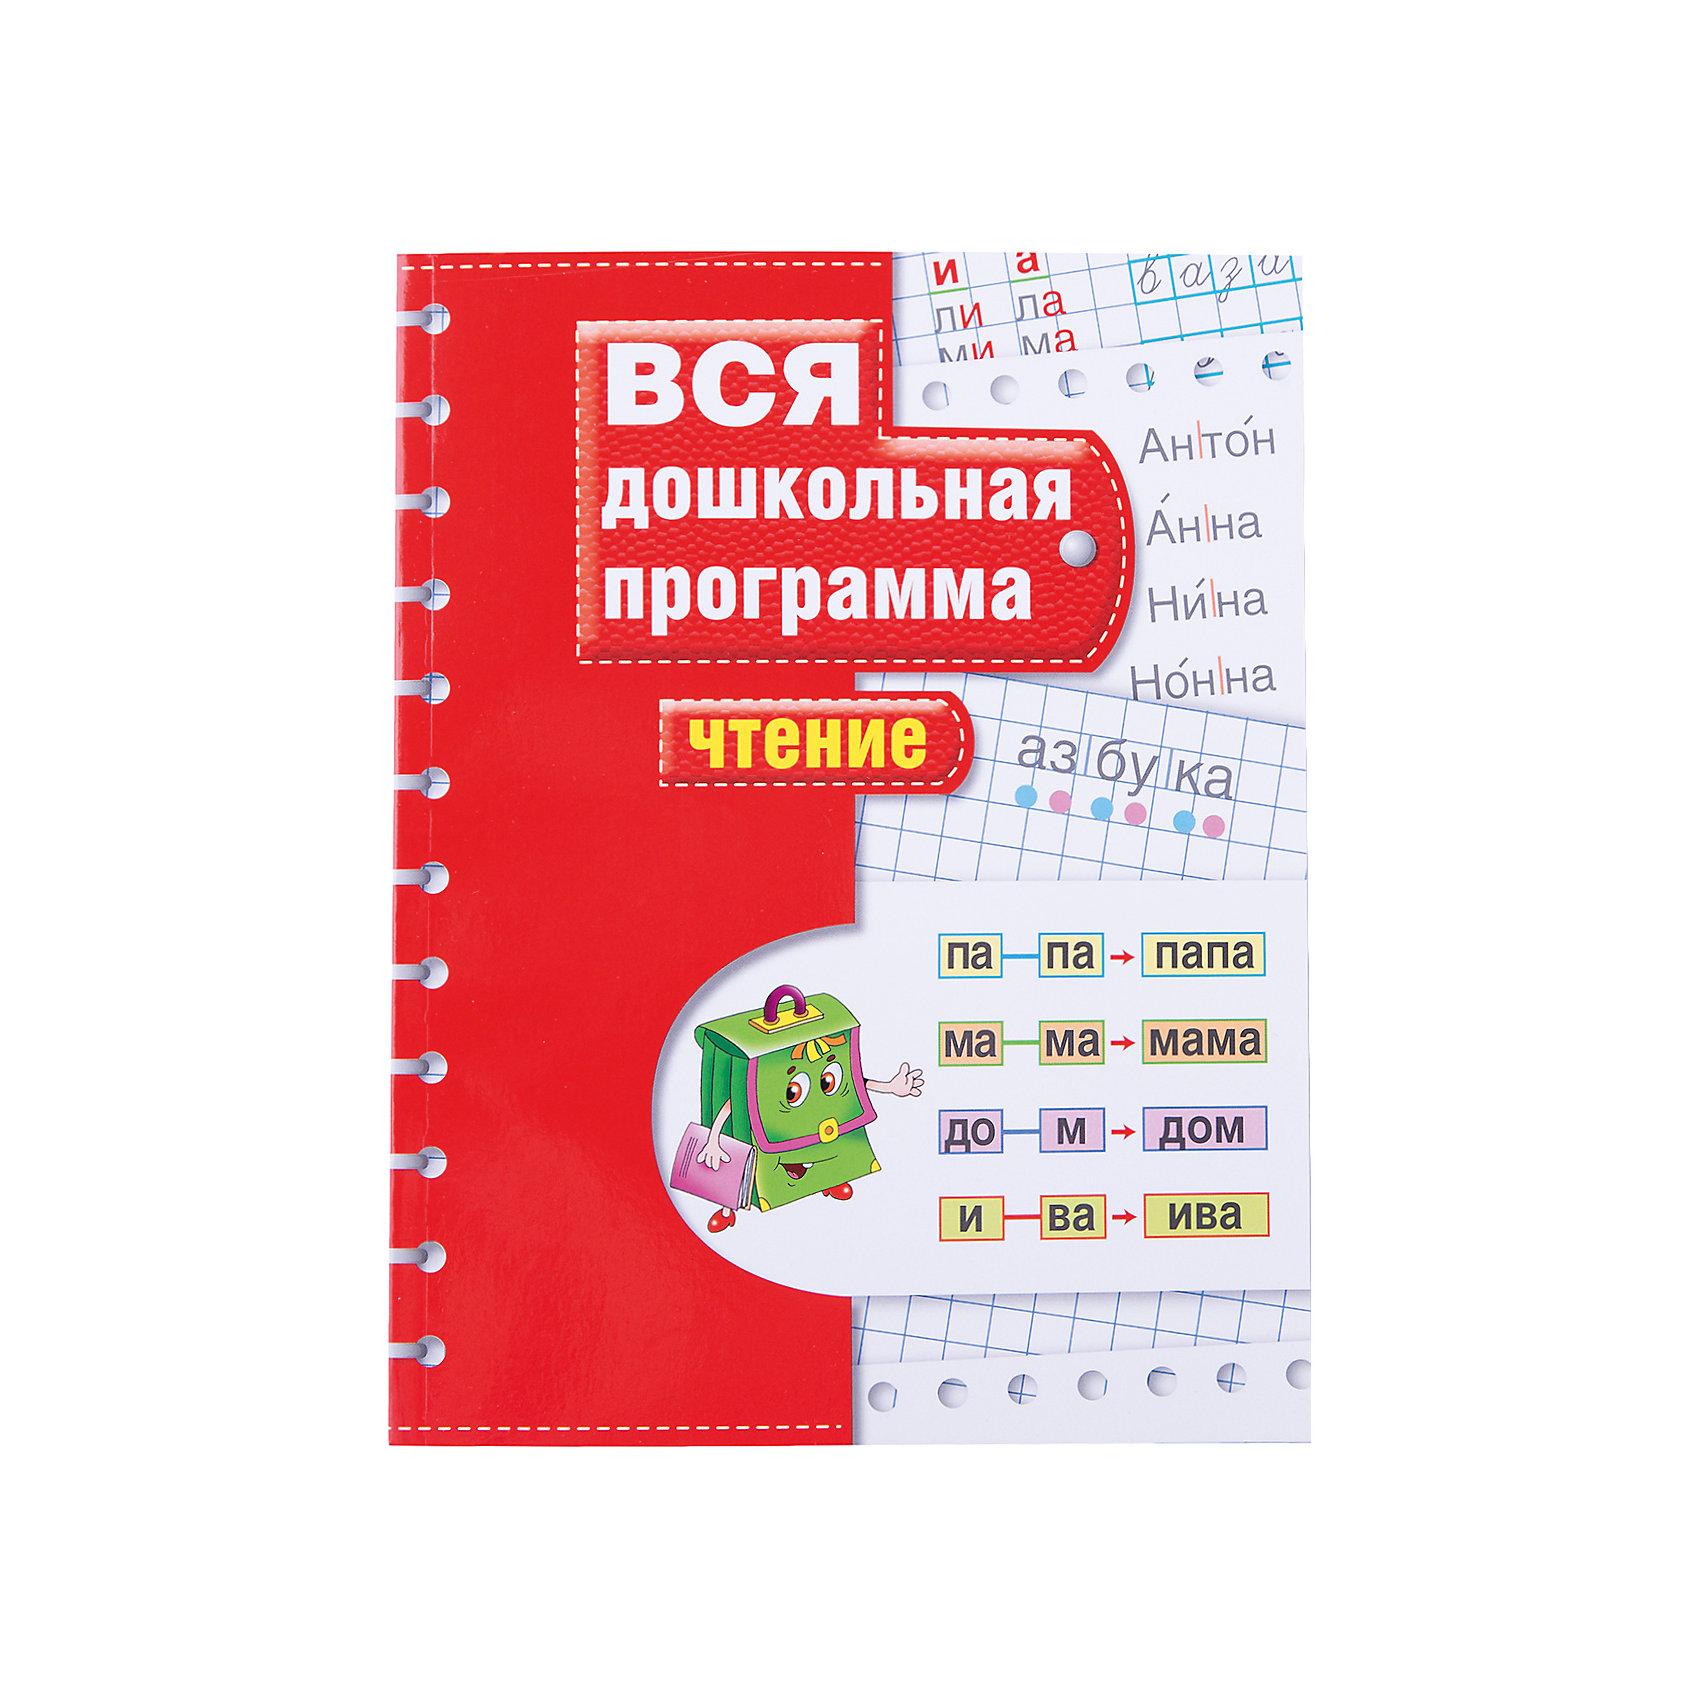 Росмэн Вся дошкольная программа Чтение раннее развитие росмэн книга вся дошкольная программа математика